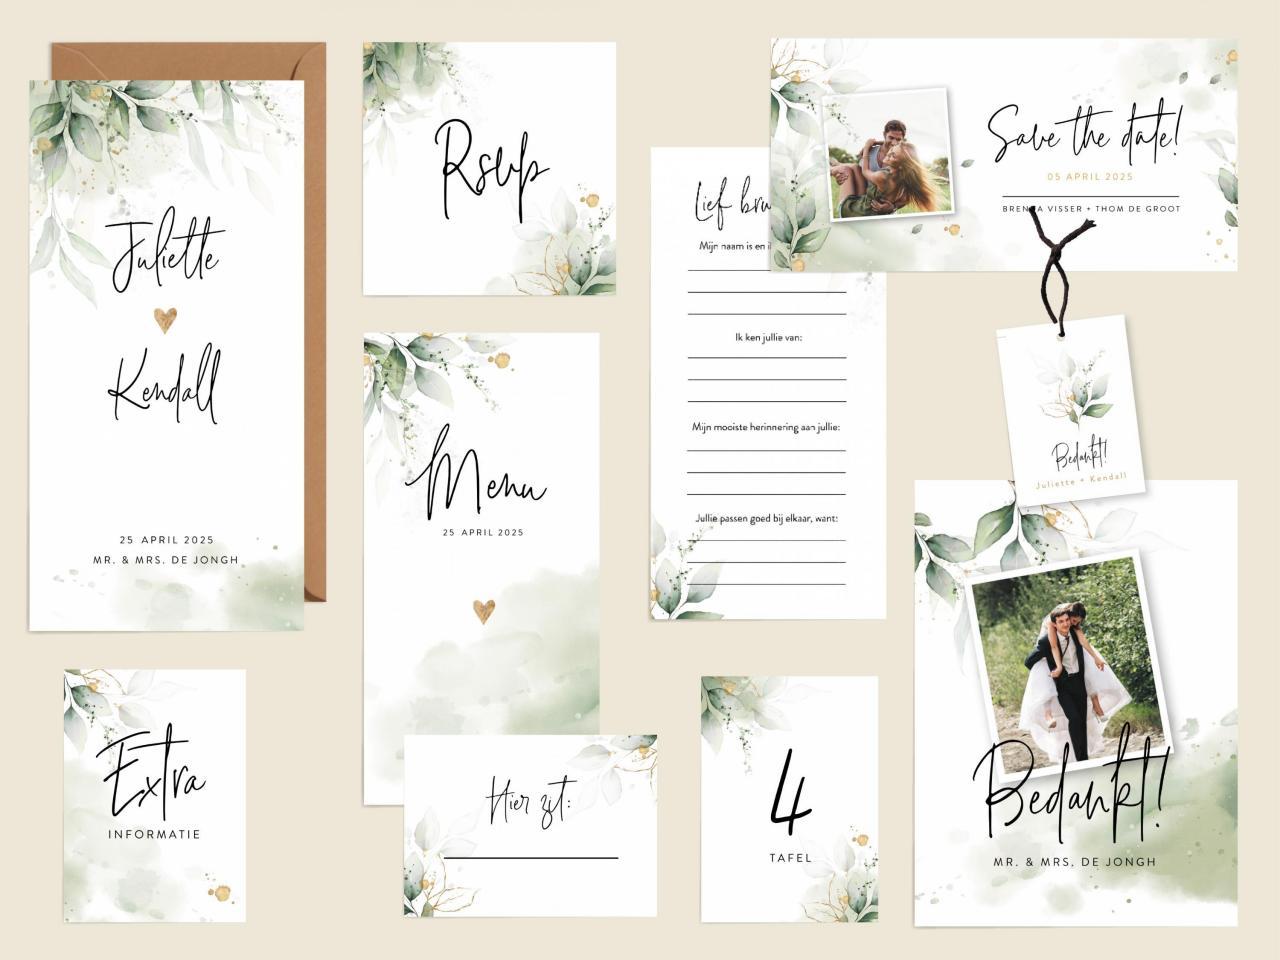 Botanische trouwhuisstijl trouwkaart Botanisch Aquarel en Watercolor Romantisch Stijlvol